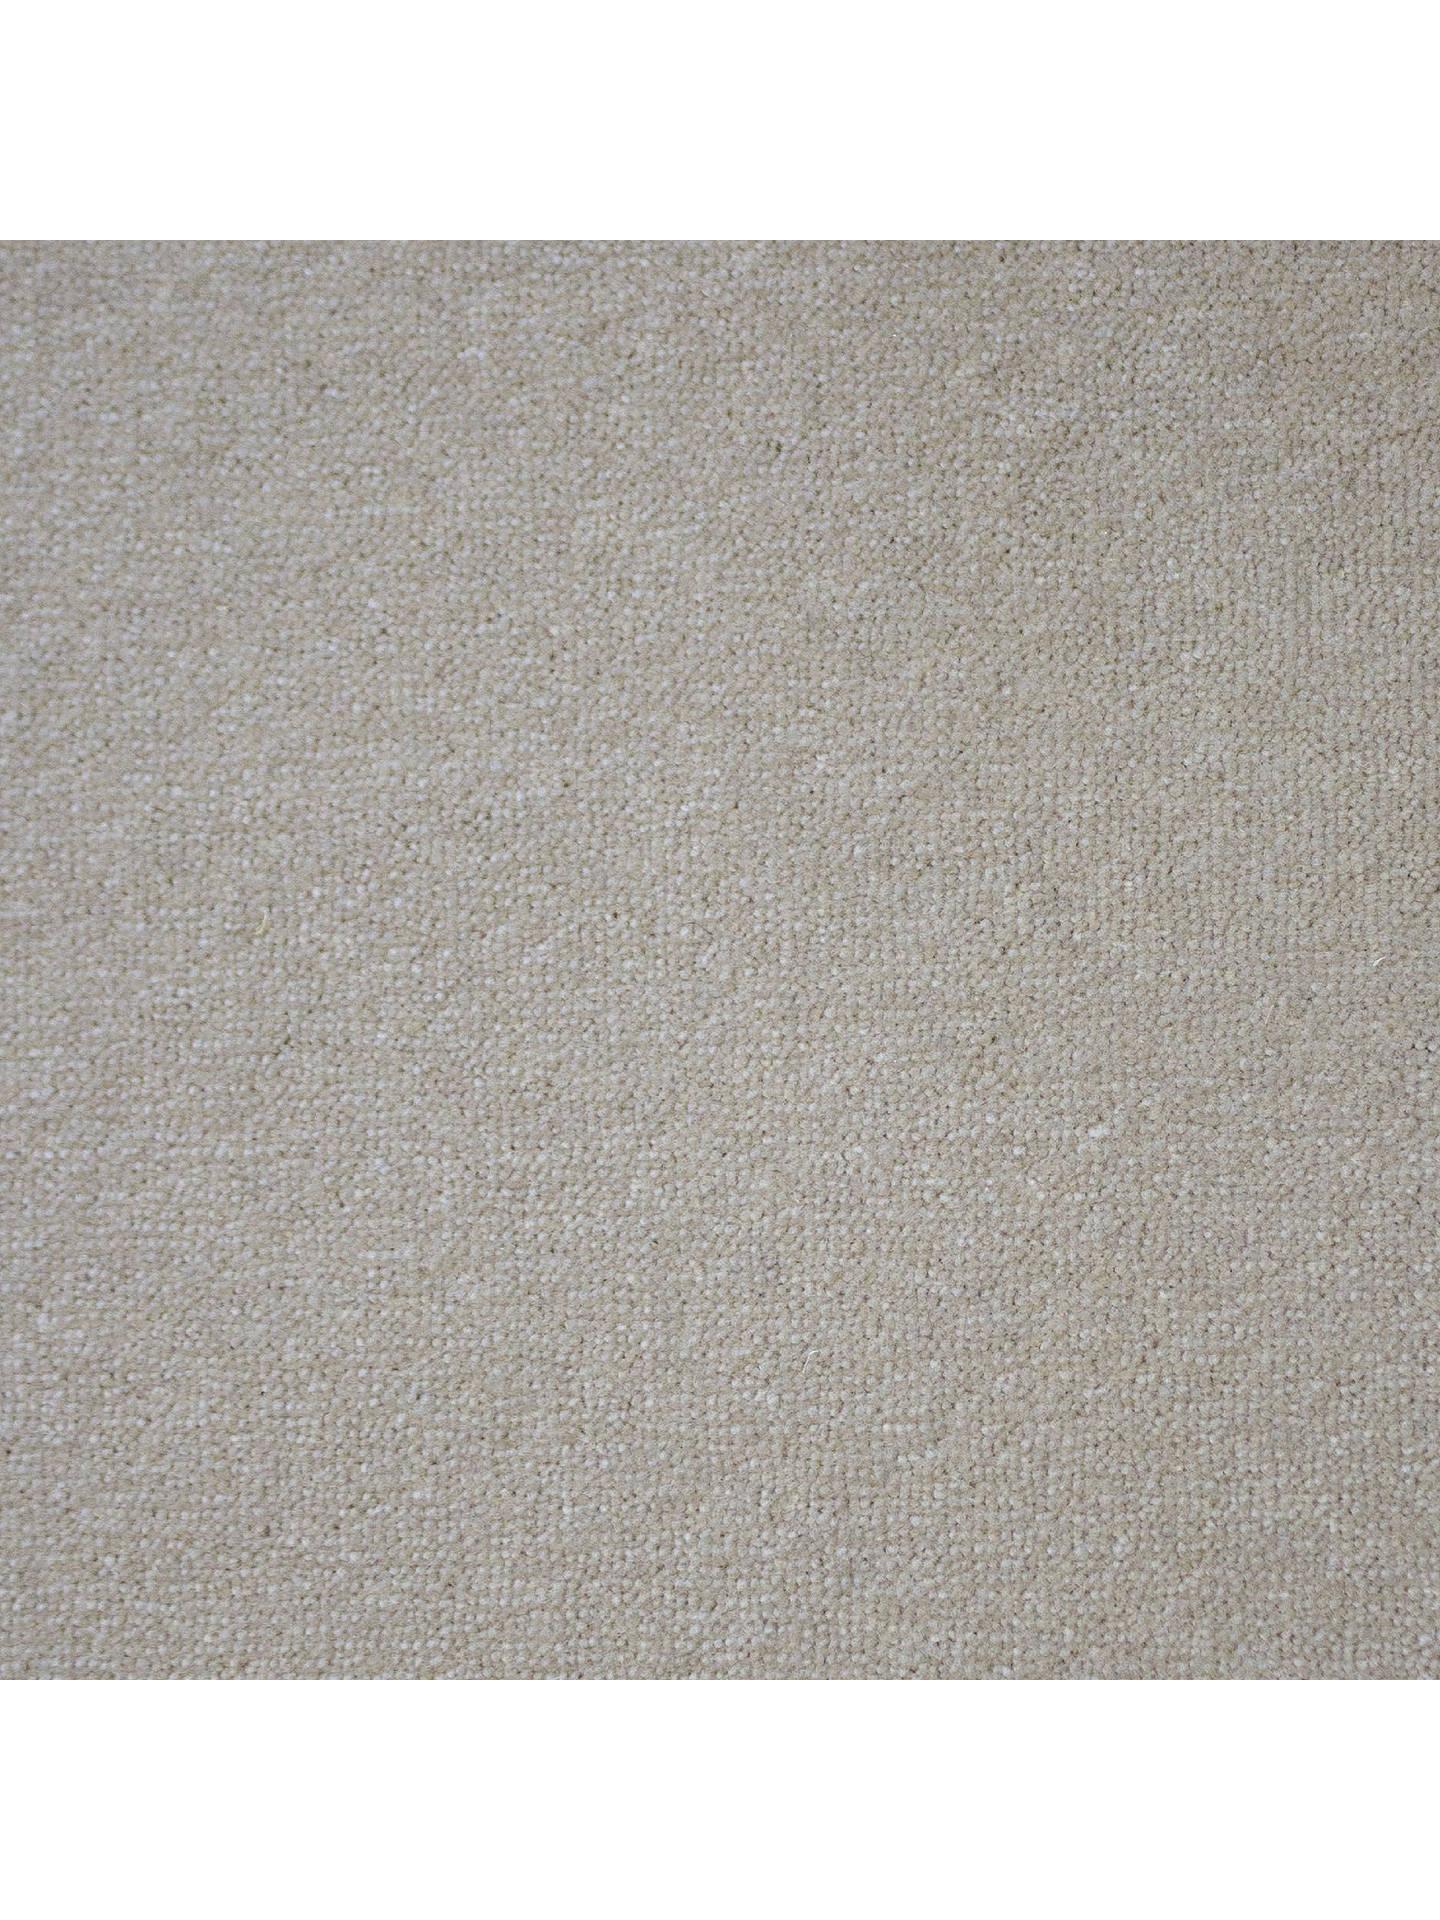 john lewis partners wool rich defined 34oz velvet carpet. Black Bedroom Furniture Sets. Home Design Ideas